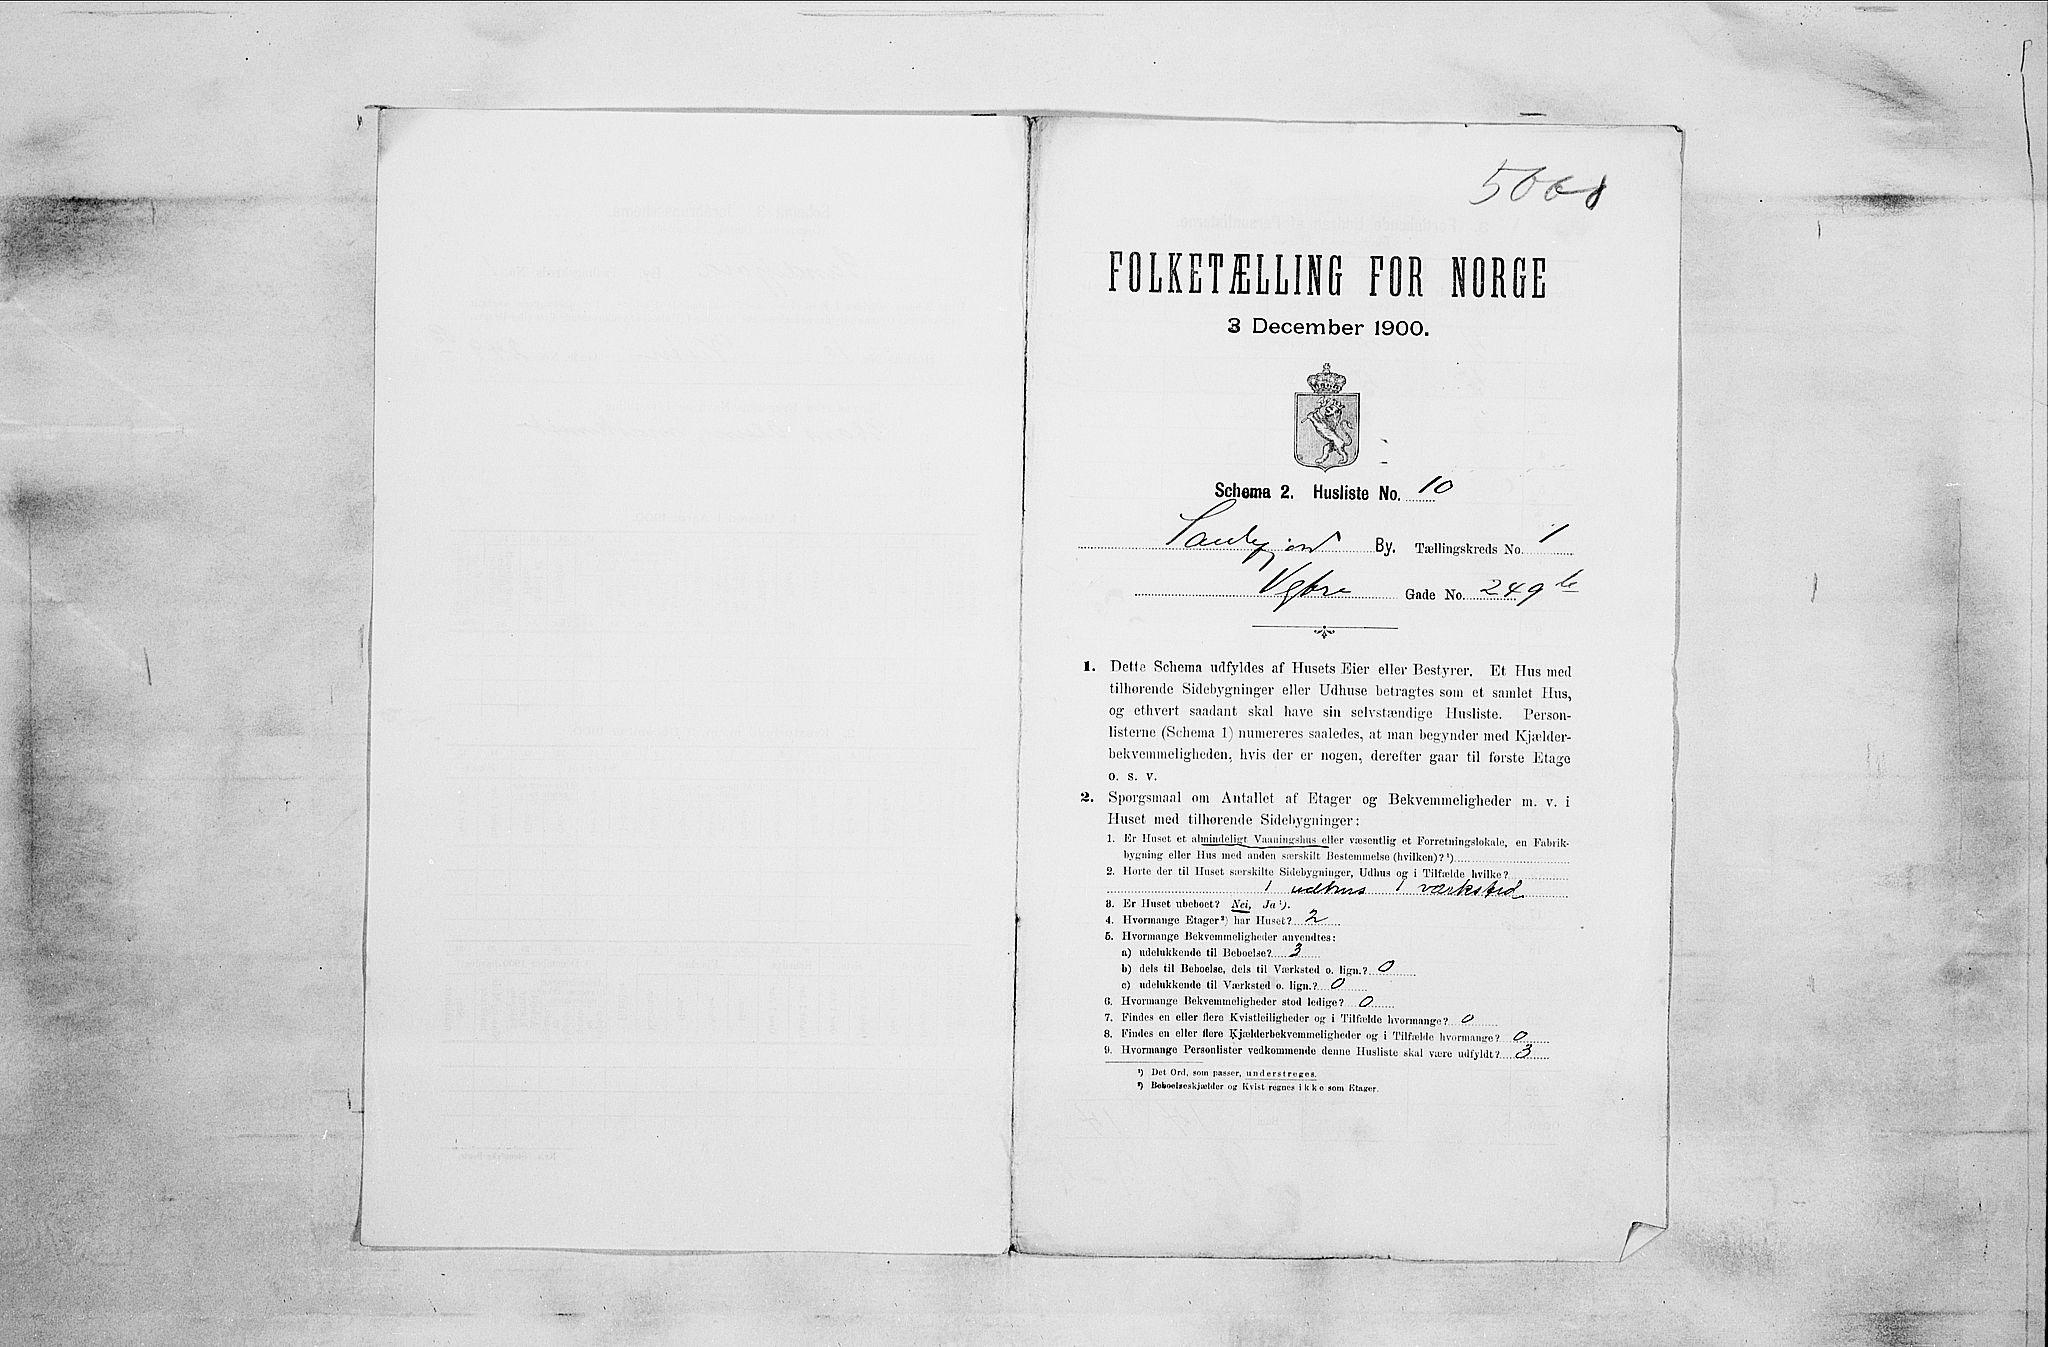 RA, Folketelling 1900 for 0706 Sandefjord kjøpstad, 1900, s. 2847